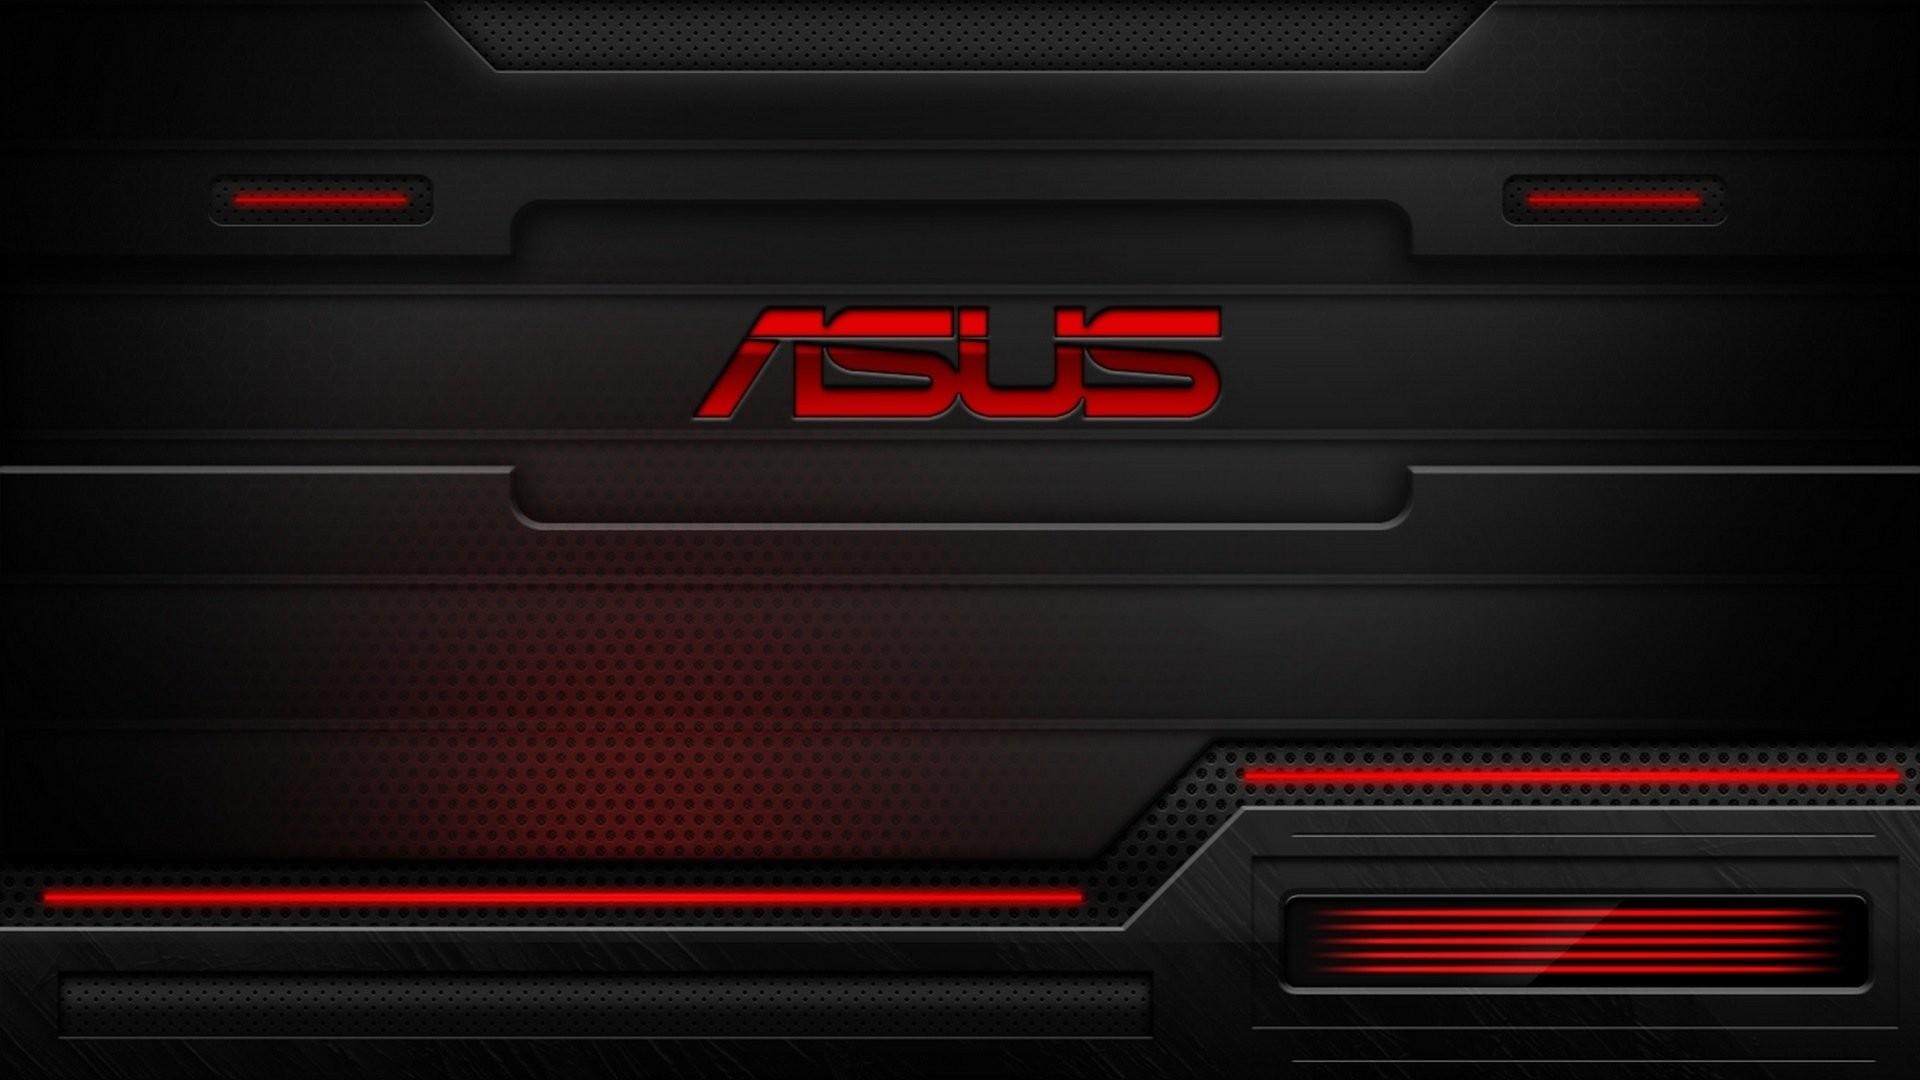 ASUS computer rog gamer republic gaming wallpaper | | 660547 .